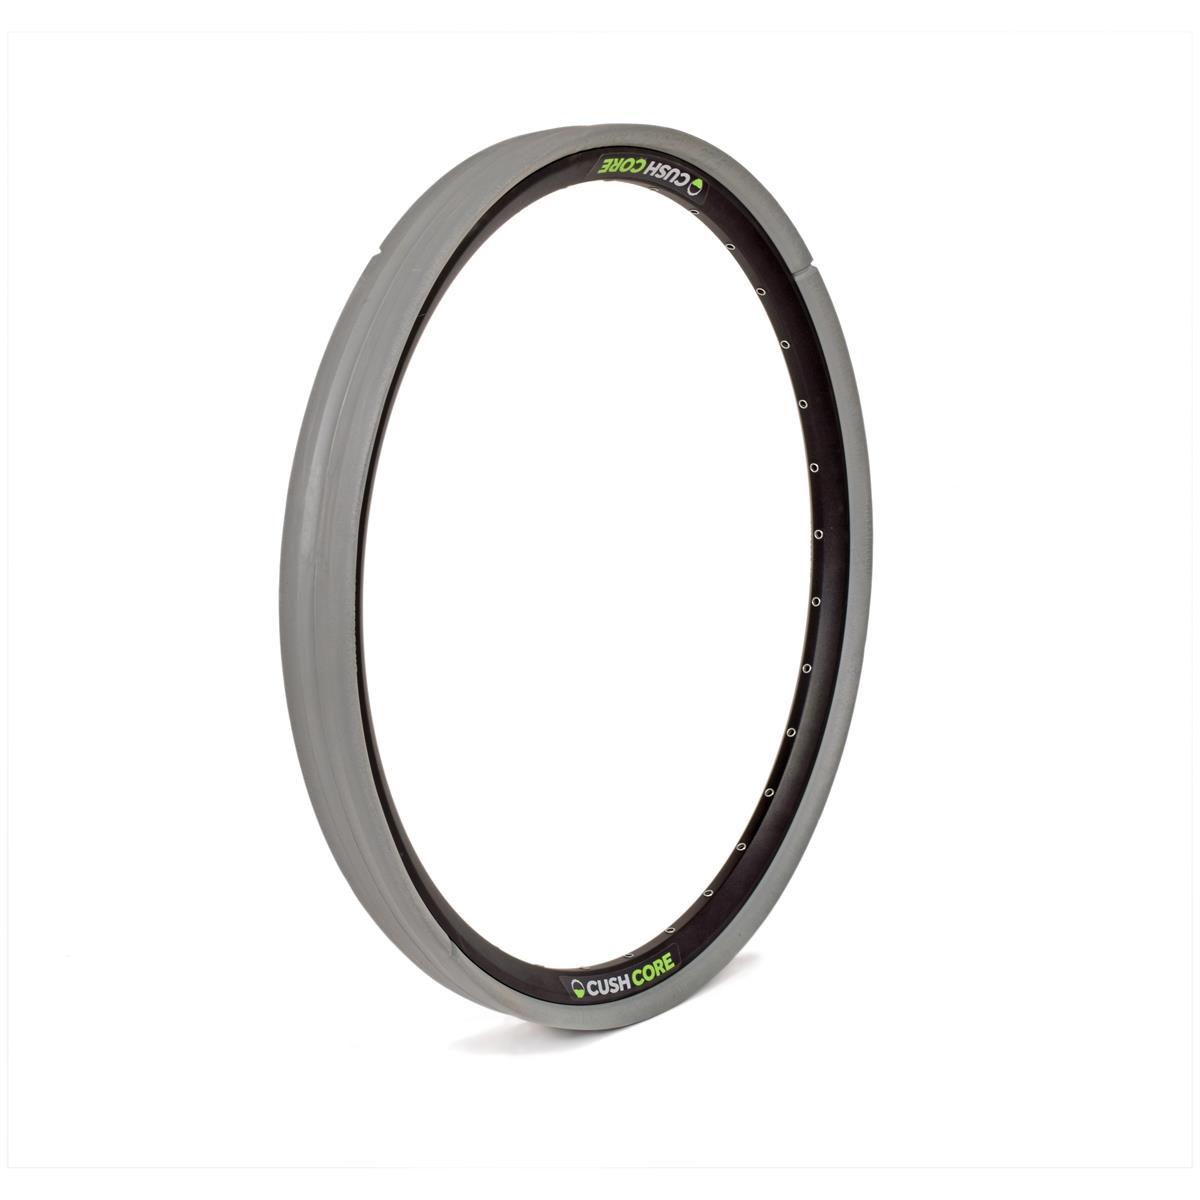 CushCore Reifen Durchschlagschutz  27,5+ Zoll Single